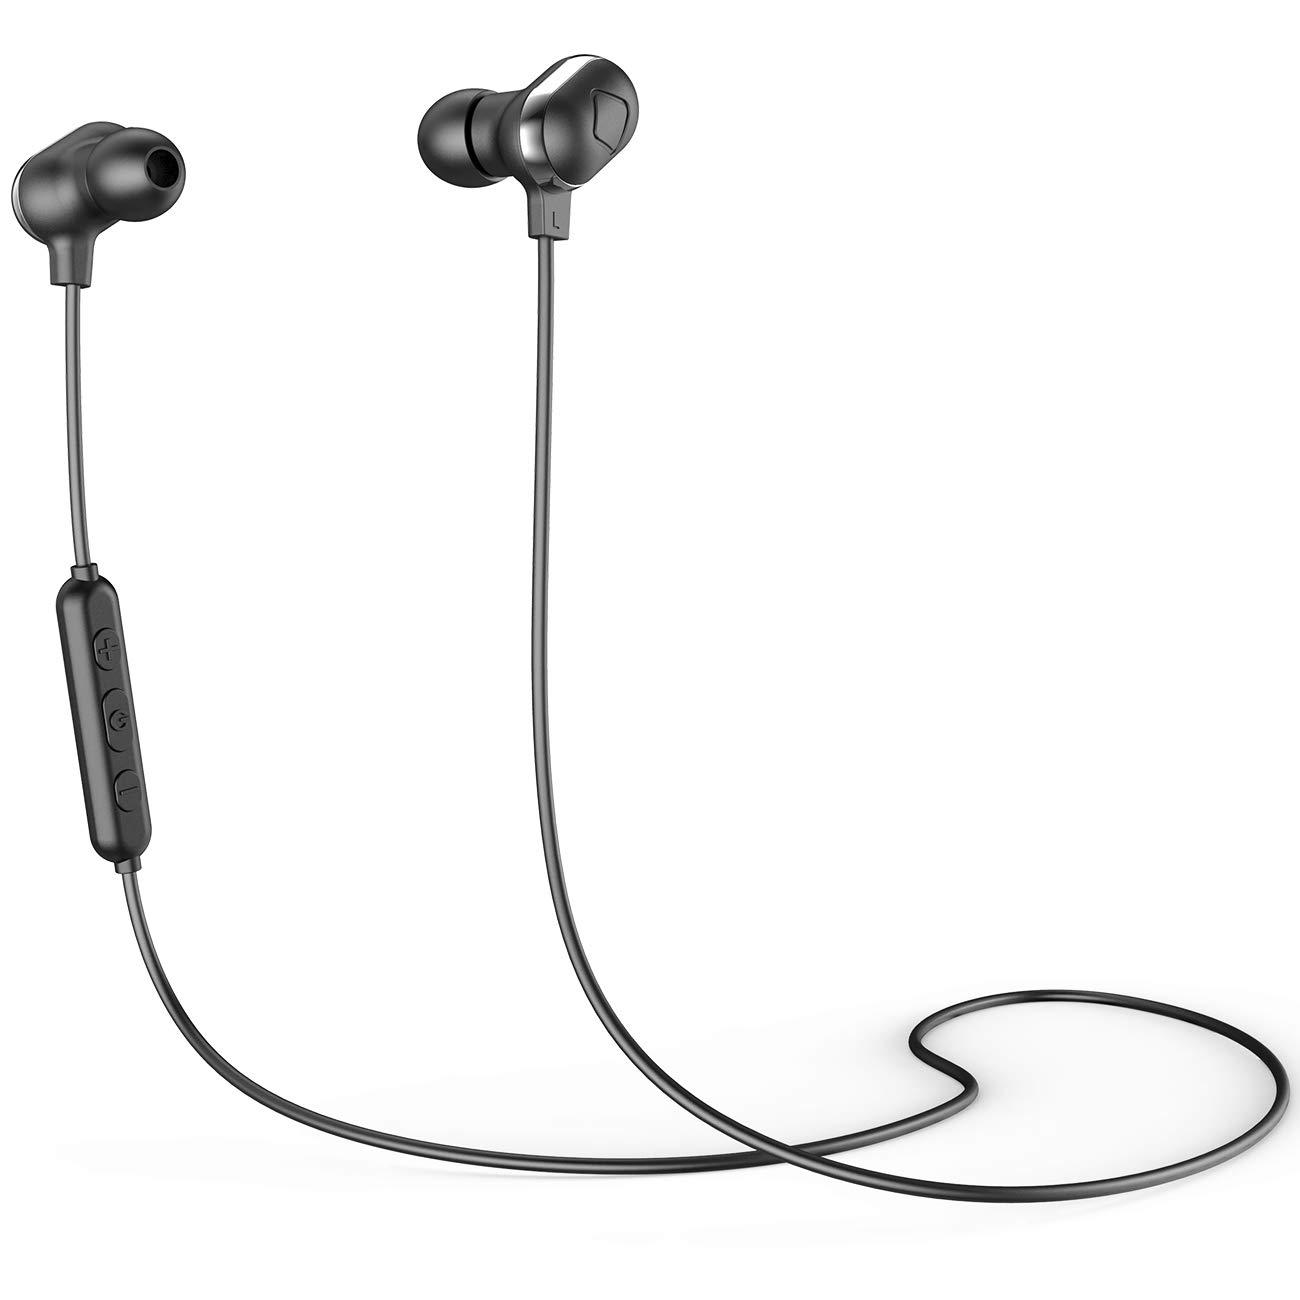 Brisario Bluetoothイヤホン ワイヤレスヘッドホン ノイズキャンセリング aptX HD-対応 ブラック B07RKW9CTQ